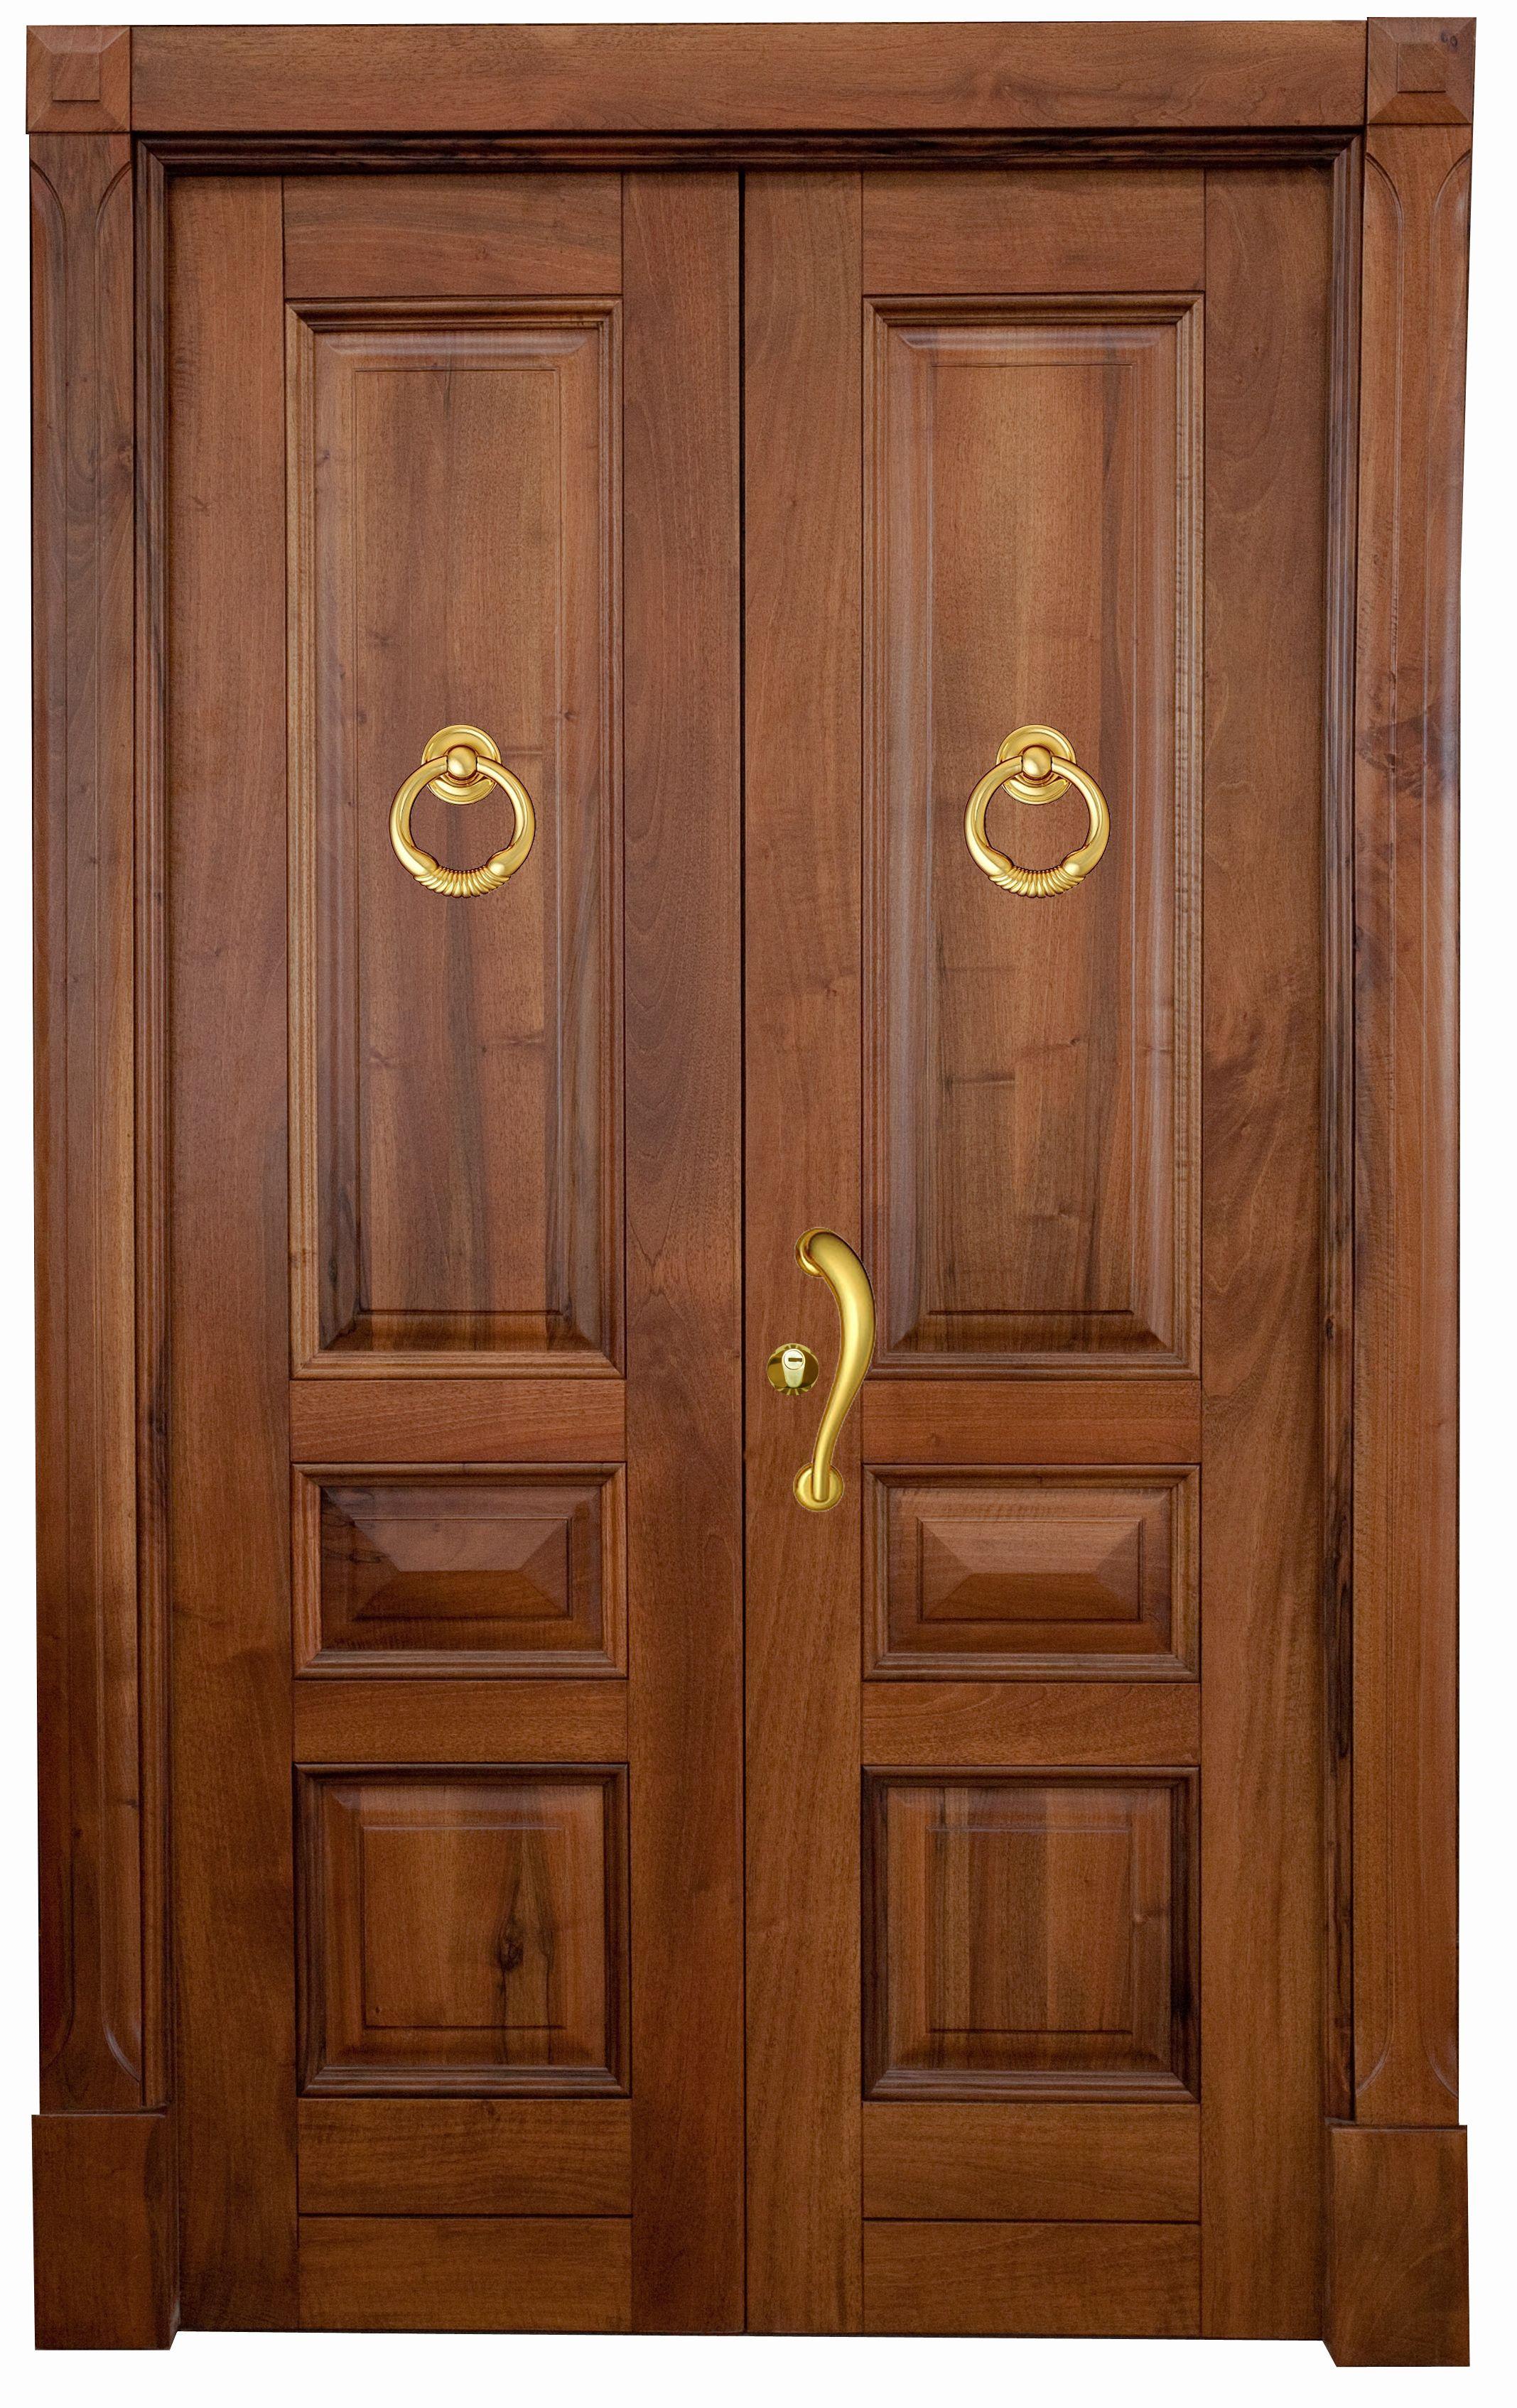 Exterior Luxury Doors In Massive Wooden Double Door Design Door Glass Design Wooden Doors